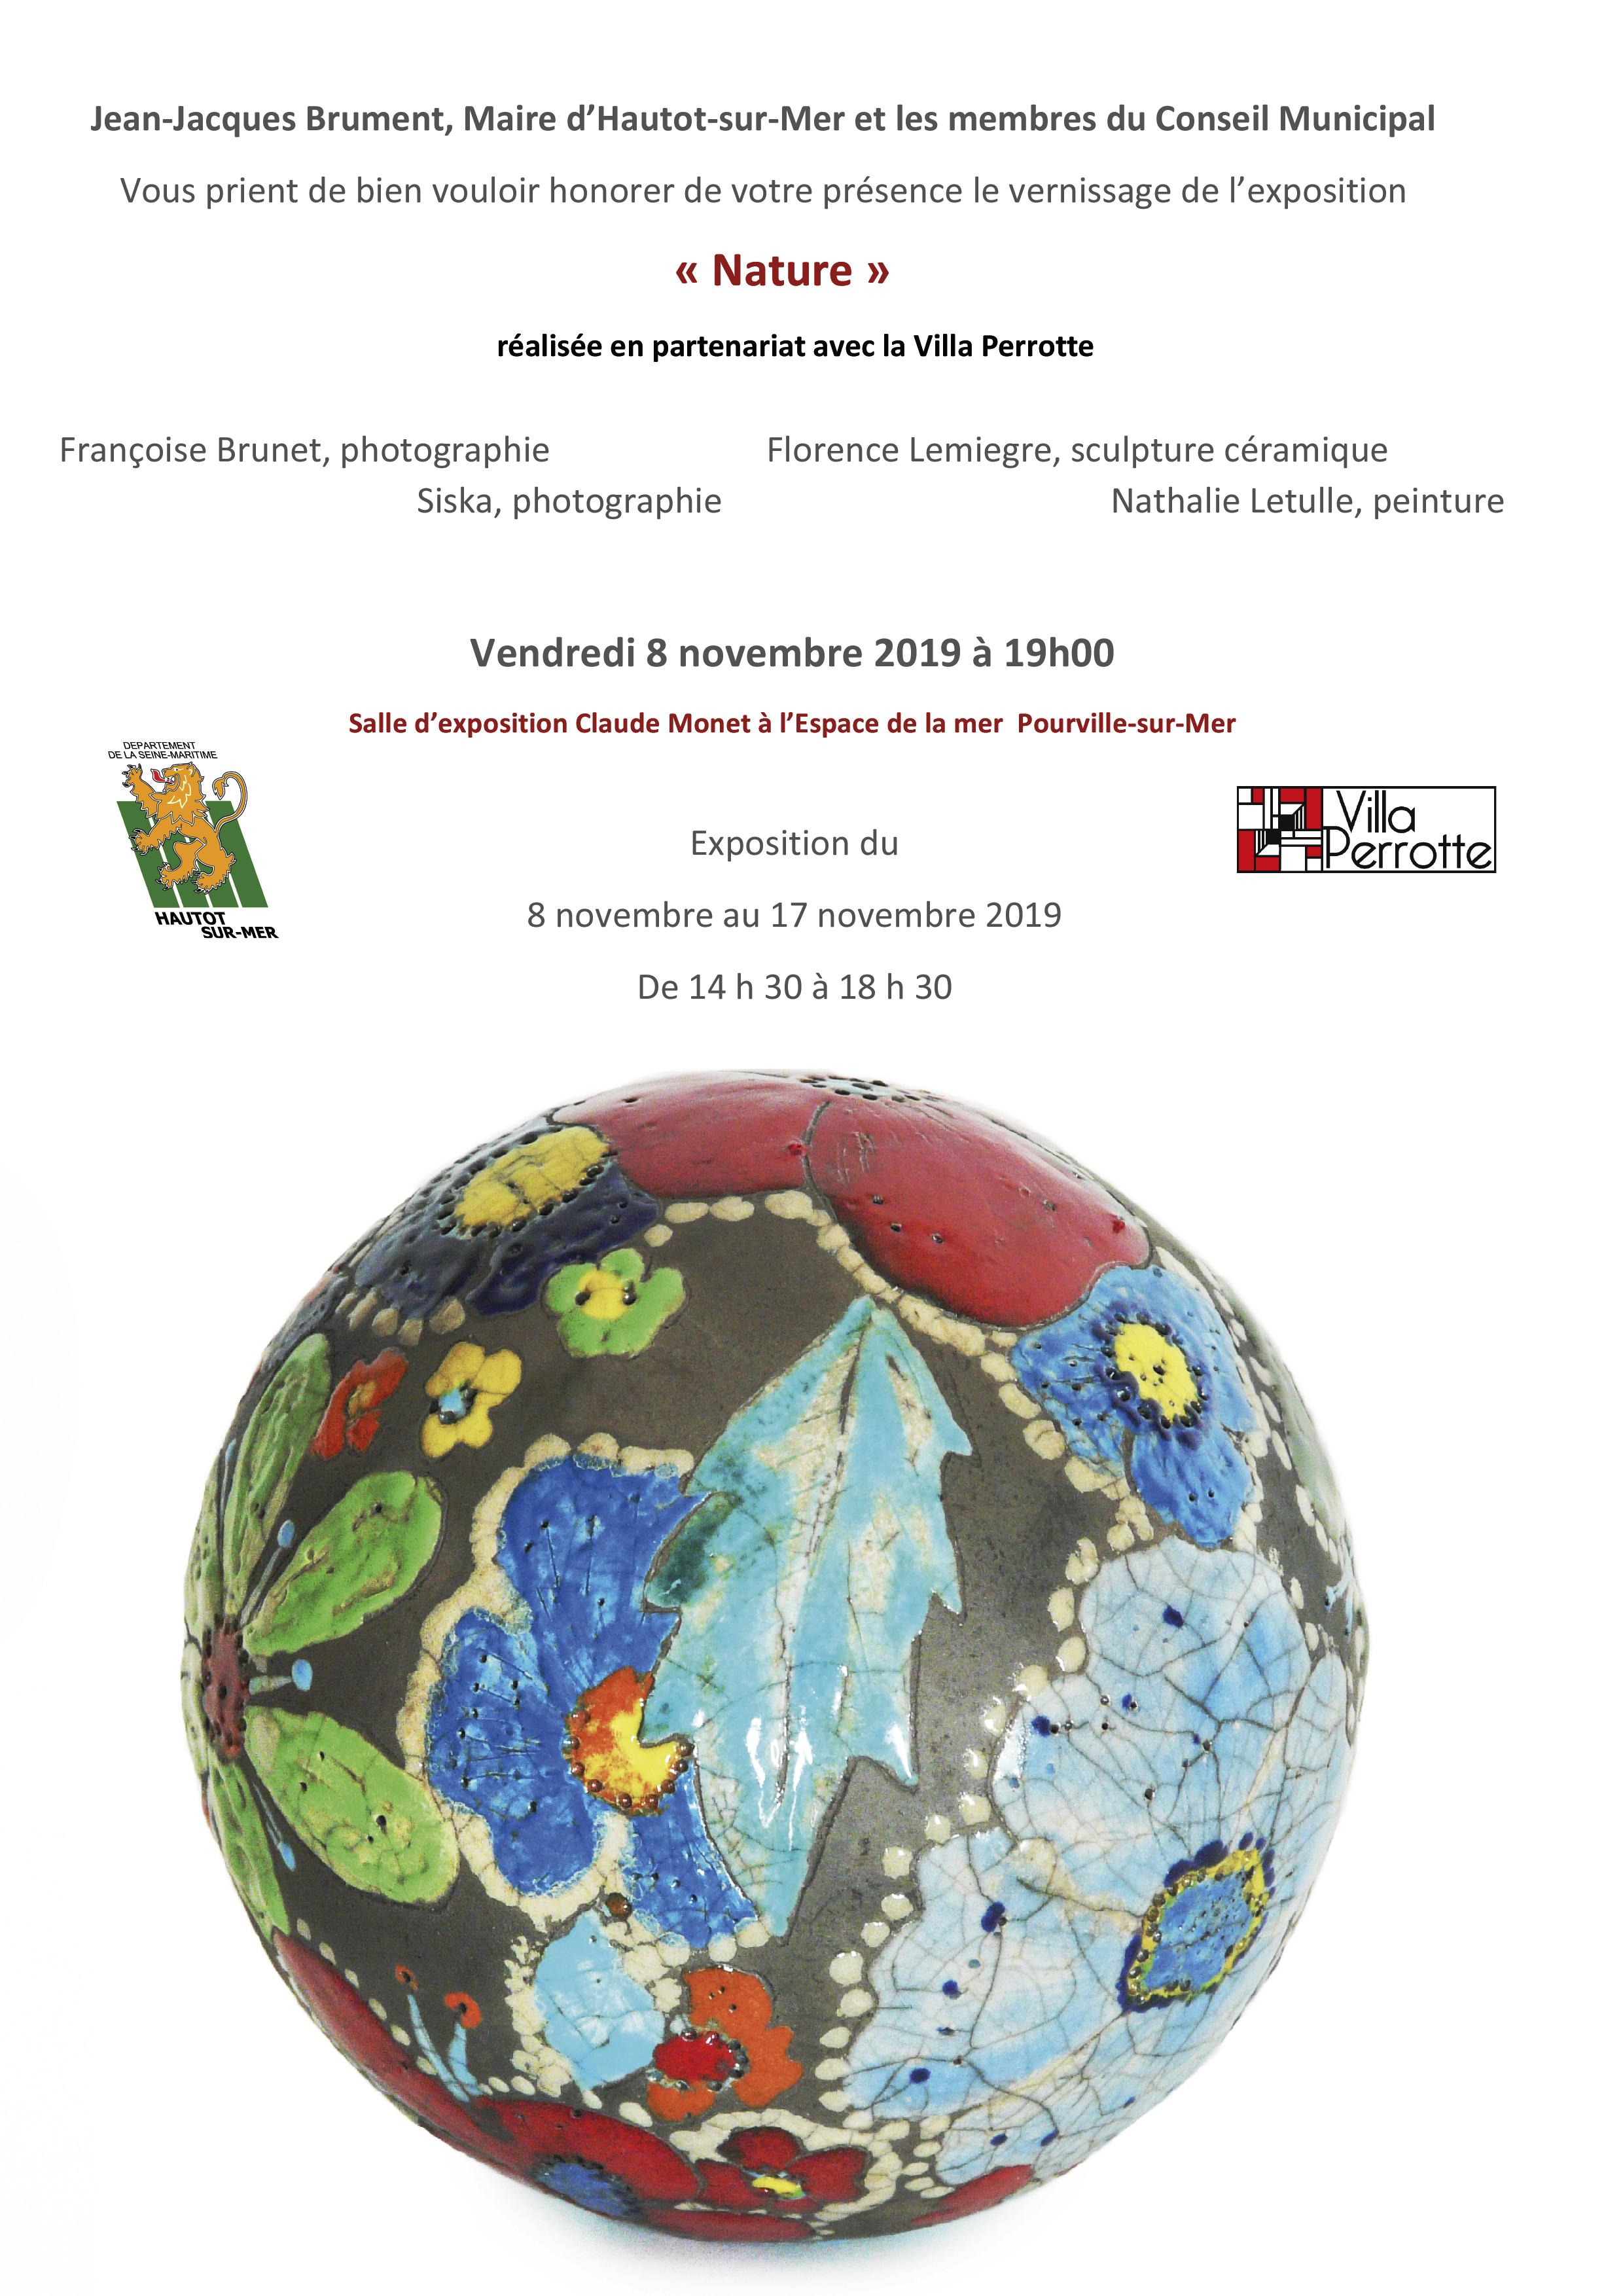 Exposition « Nature », Pourville-sur-Mer - - Sculptures céramique de Florence Lemiegre